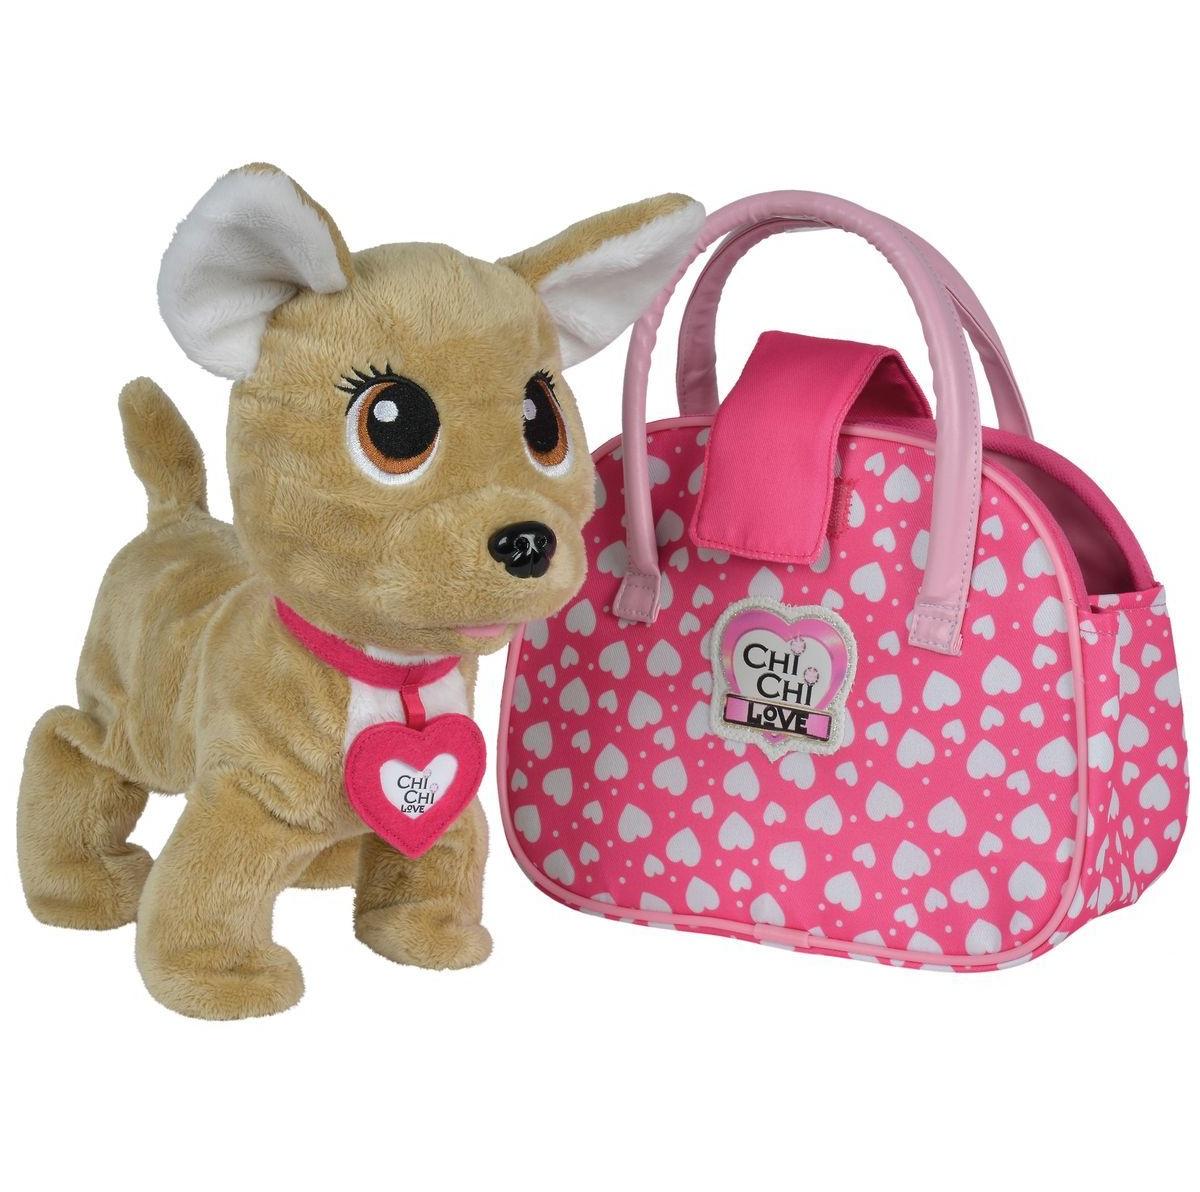 Купить Интерактивная плюшевая собачка Chi-Chi love - Счастливчик, с сумочкой, 20 см, звук, Simba